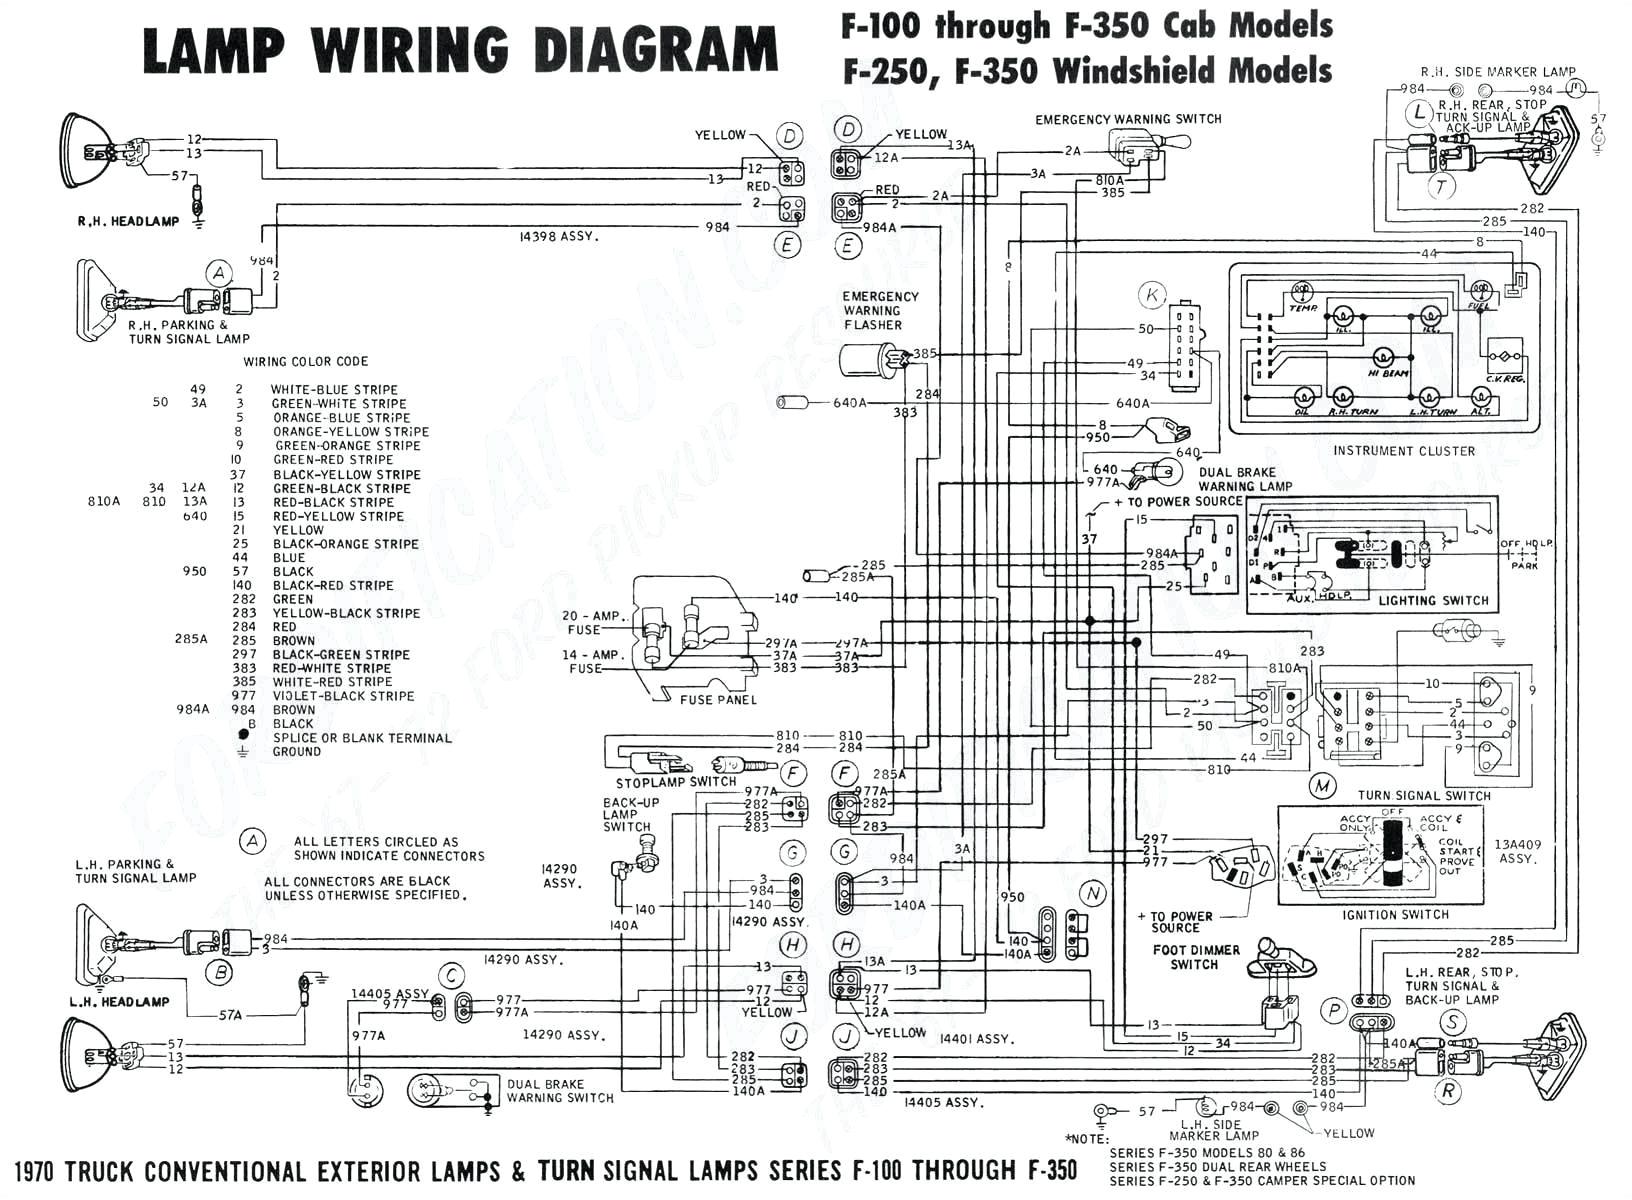 wiring diagram 1976 chrysler cordoba engine compartment wiring 1975 dodge valiant wiring diagram schematic wiring diagram